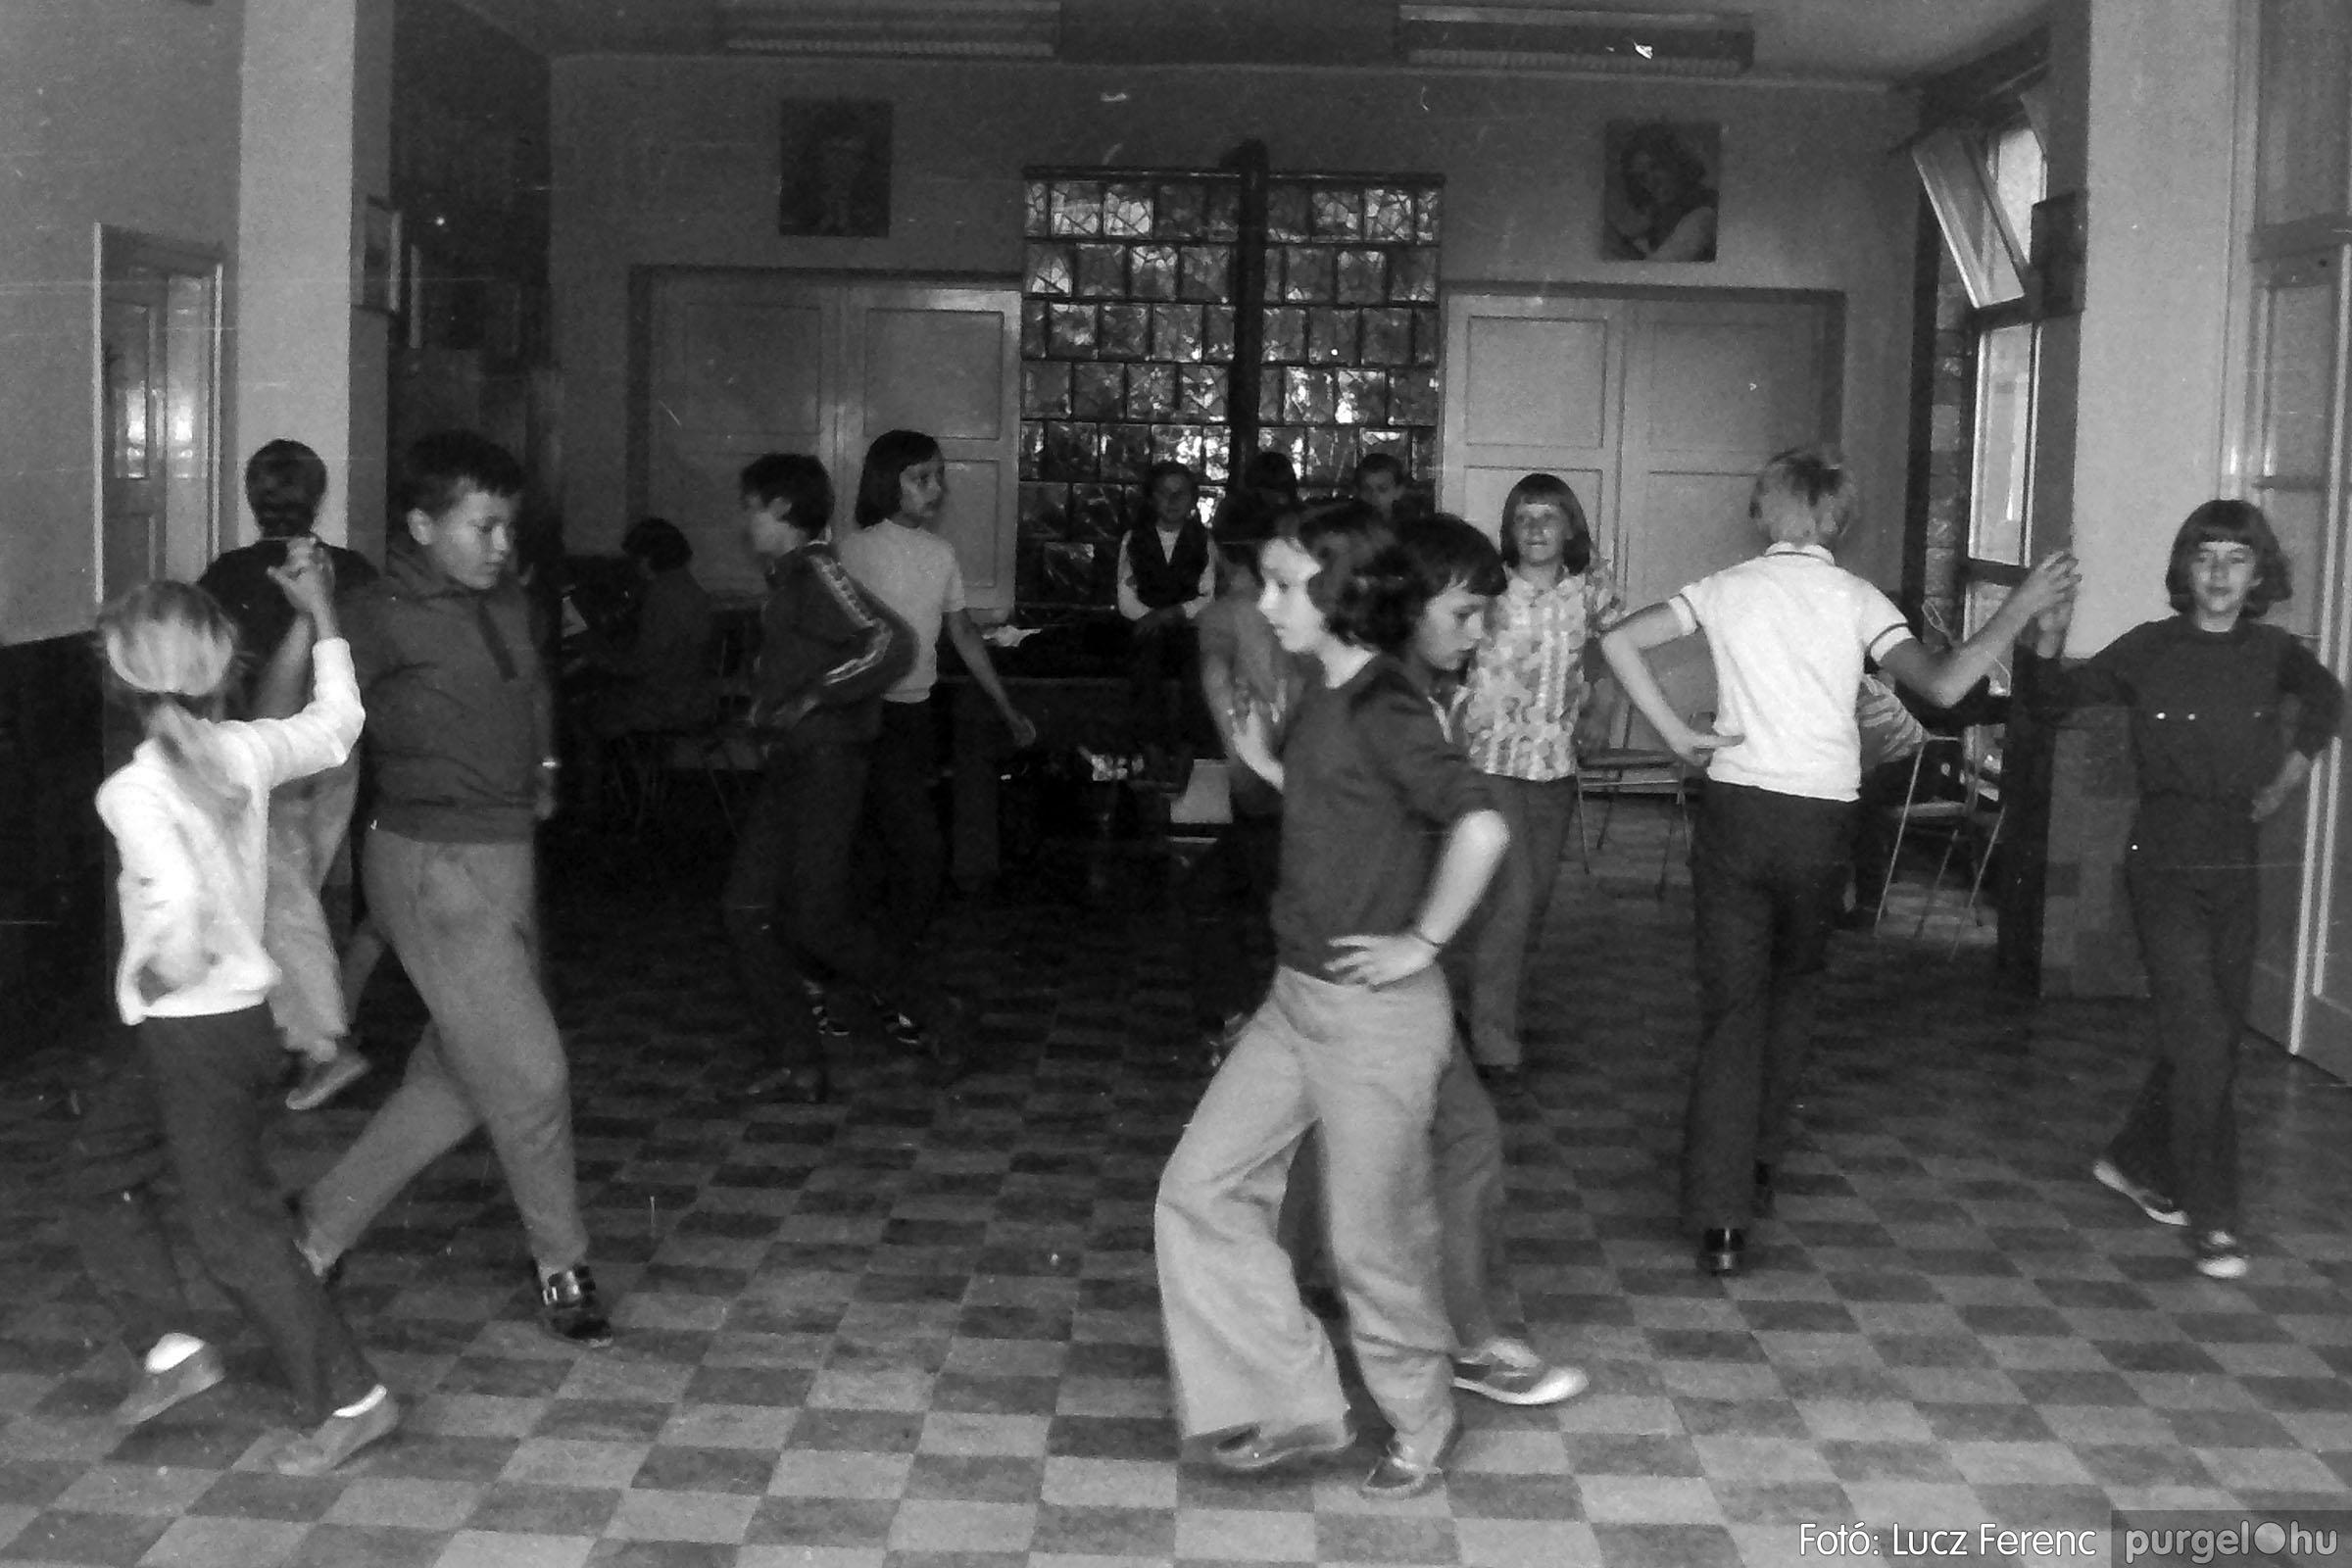 018-019 1975. Élet a kultúrházban 026 - Fotó: Lucz Ferenc IMG00073q.jpg